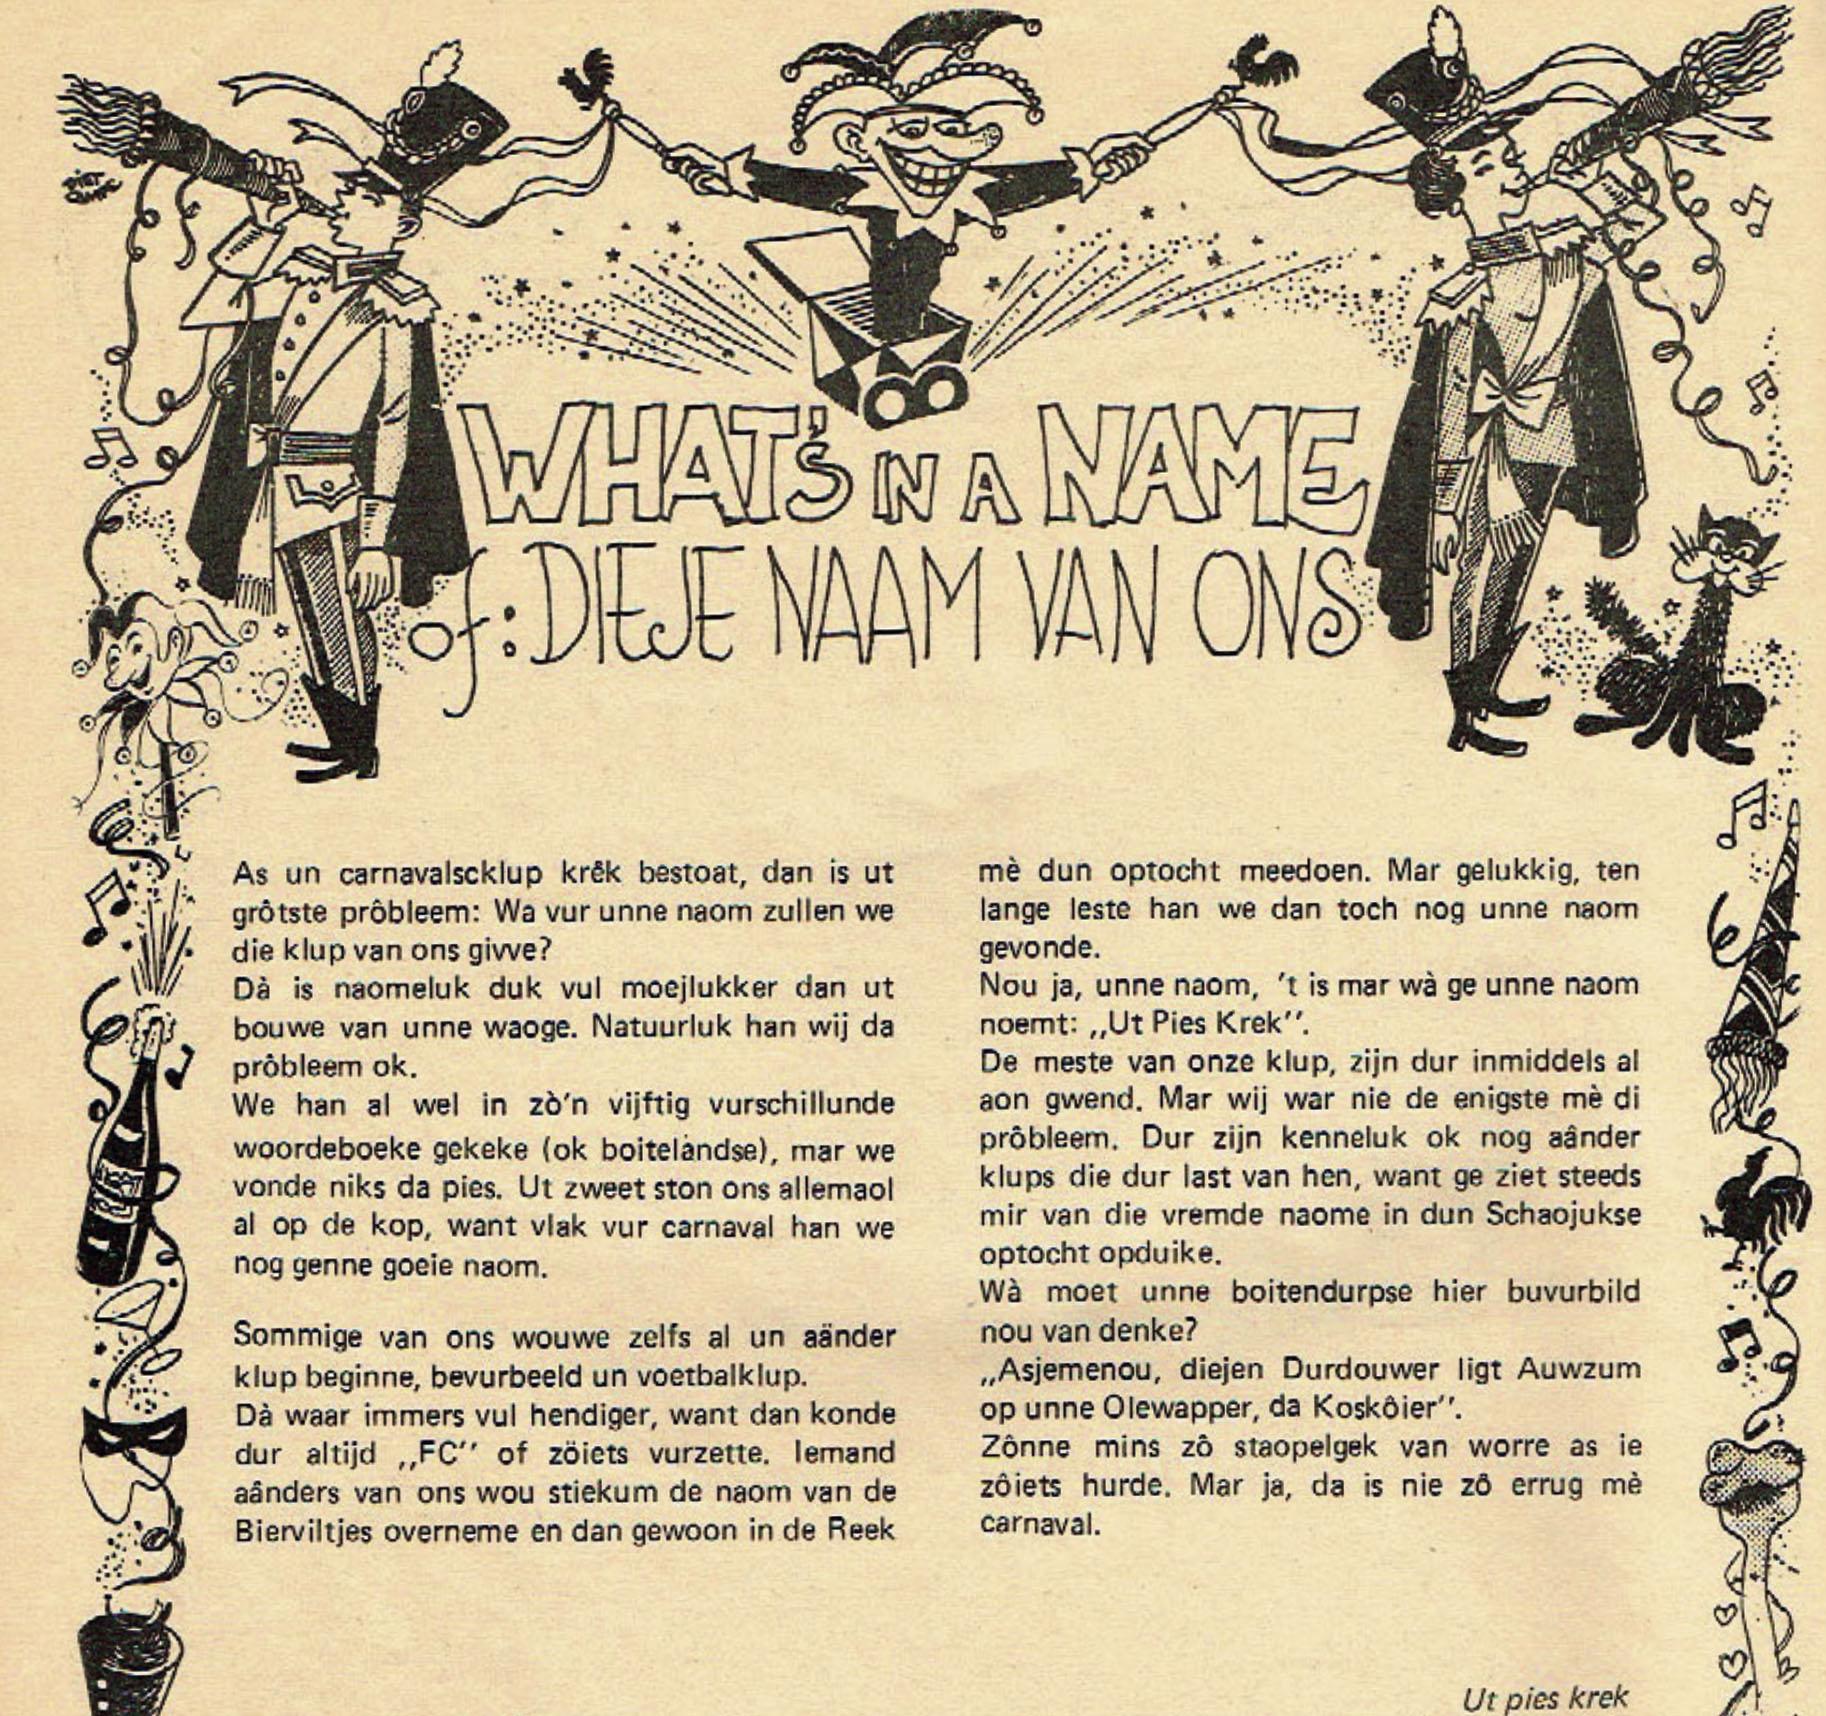 Stukje uit de carnavalskrant van Ut Pies Krek - 1982